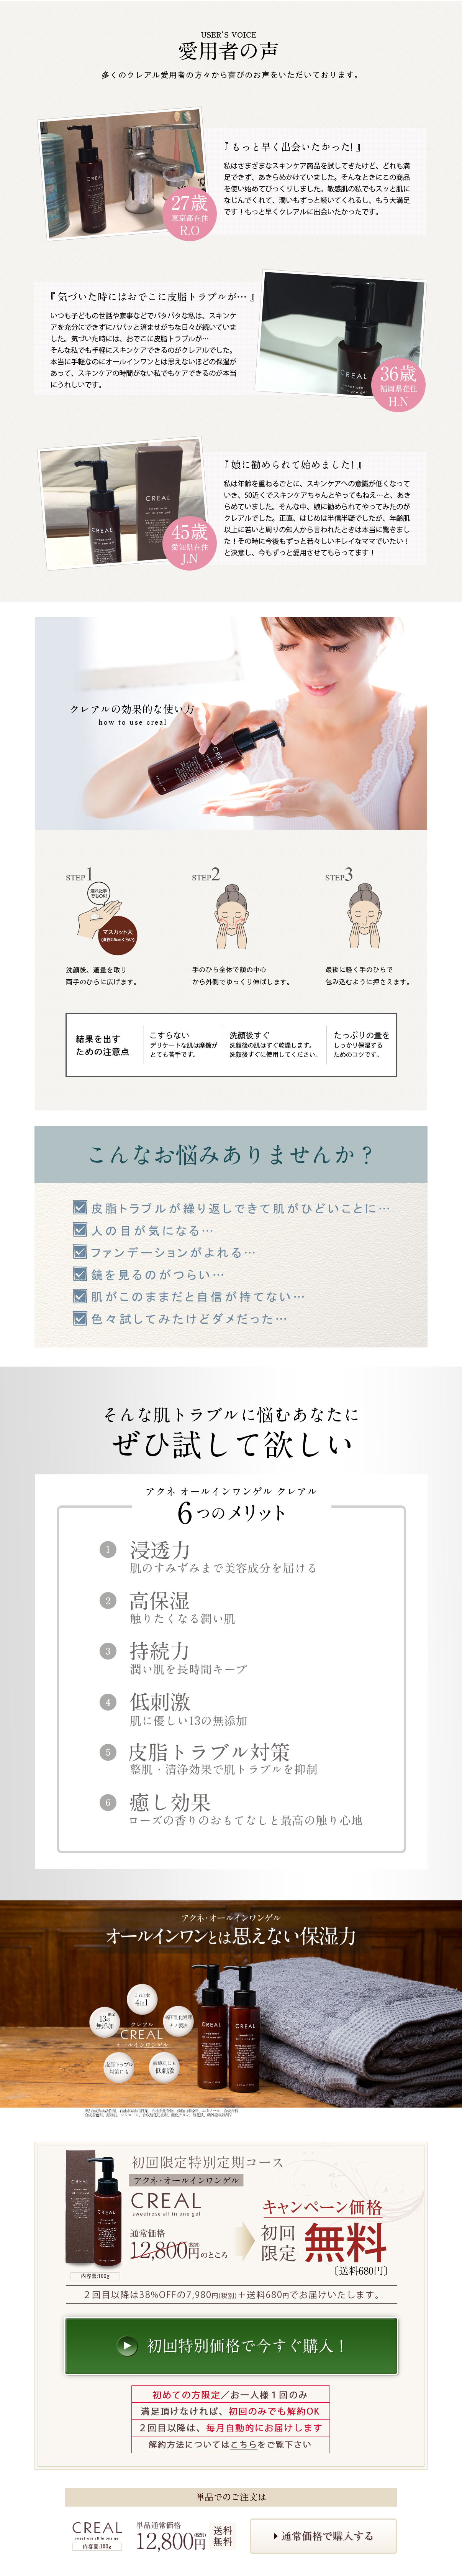 オールインワンゲル販売用ランディングページ(LP)デザイン・制作事例03